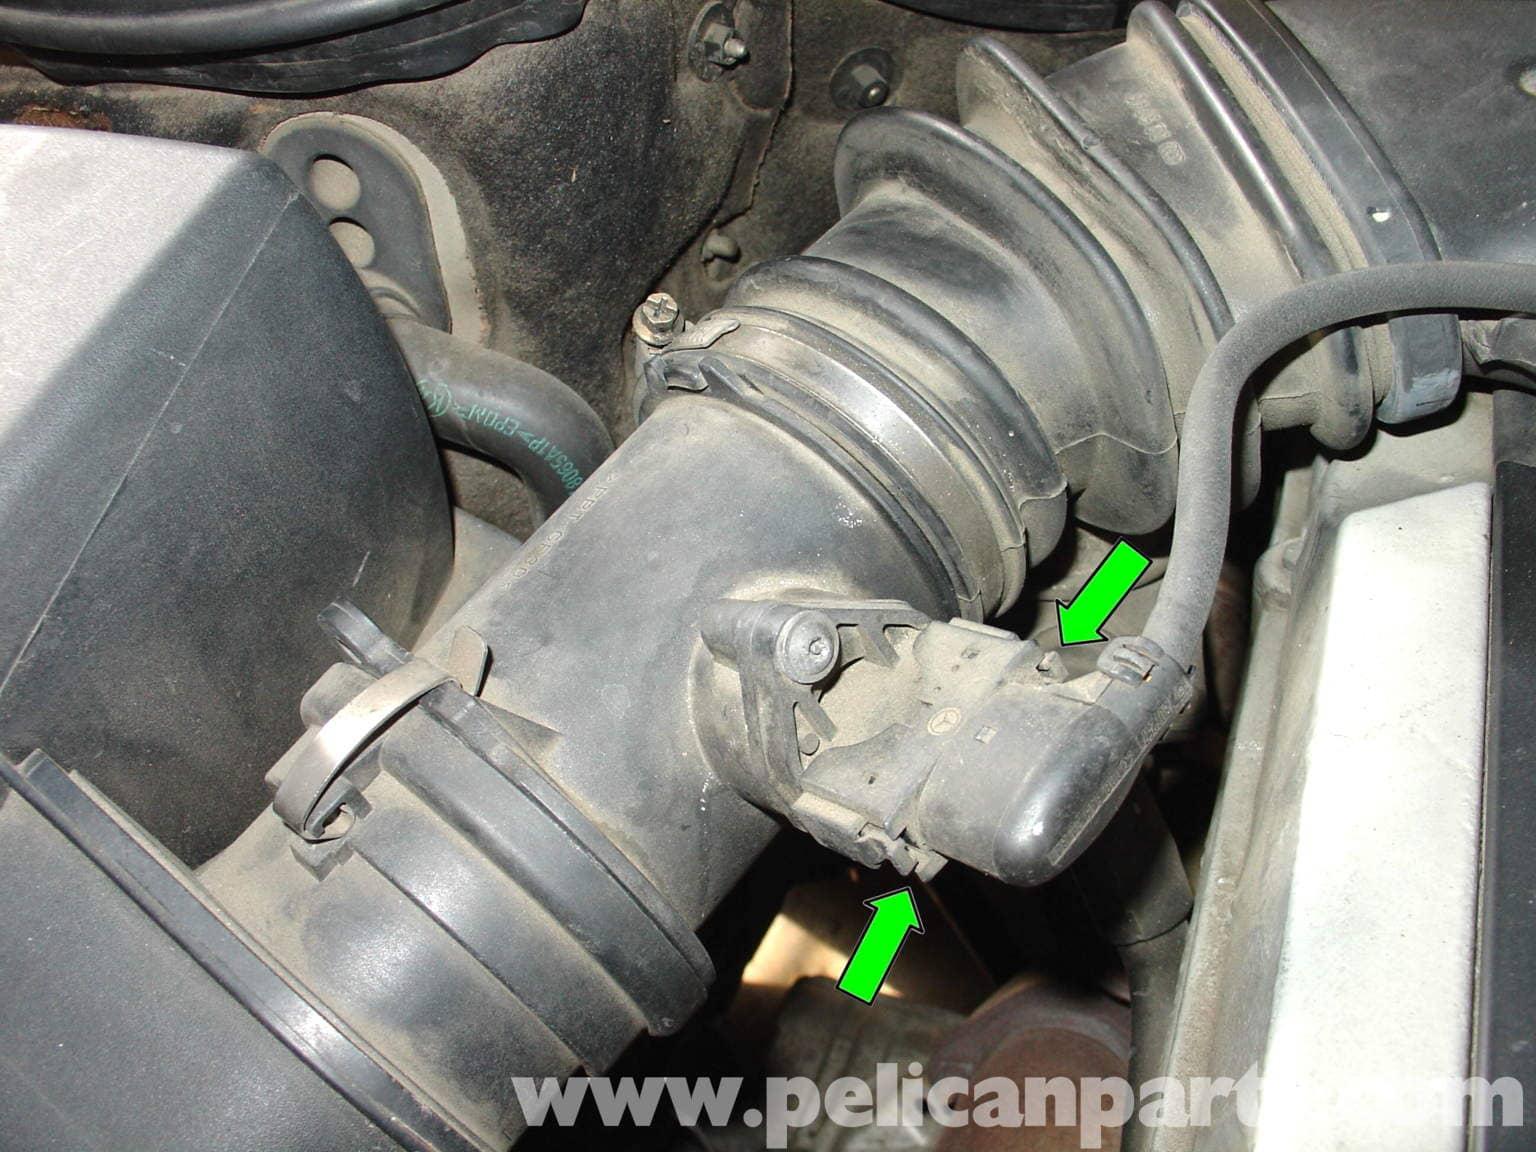 Amp Wiring Diagram 2011 Camaro Mercedes Benz W210 Fixing Common Vacuum Leaks 1996 03